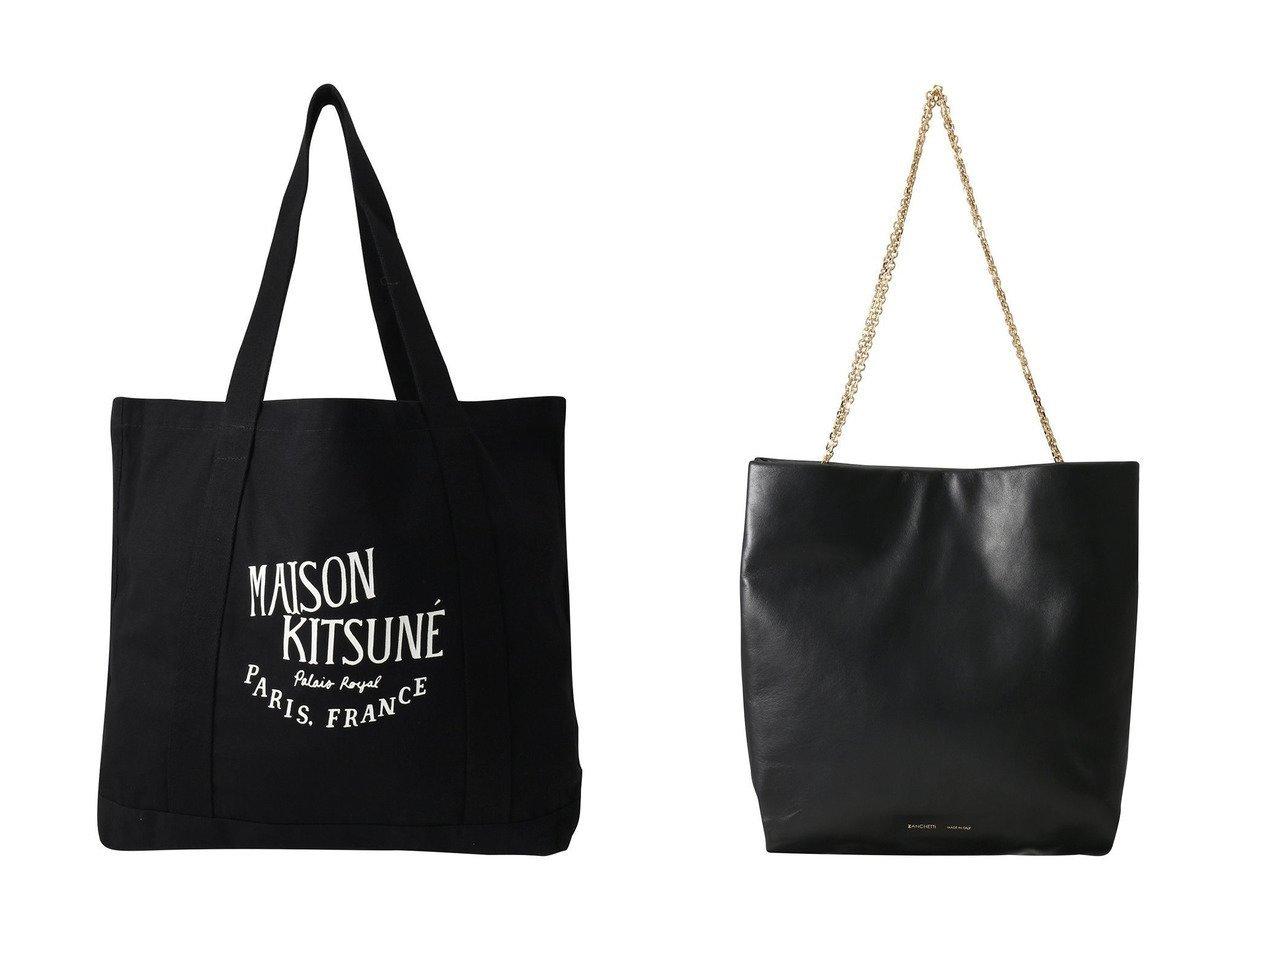 【MAISON KITSUNE/メゾン キツネ】の【UNISEX】 バッグ&【1er Arrondissement/プルミエ アロンディスモン】の【ZANCHETTI】チェーンショルダーバッグ 【バッグ・鞄】おすすめ!人気、トレンド・レディースファッションの通販  おすすめで人気の流行・トレンド、ファッションの通販商品 インテリア・家具・メンズファッション・キッズファッション・レディースファッション・服の通販 founy(ファニー) https://founy.com/ ファッション Fashion レディースファッション WOMEN バッグ Bag 2020年 2020 2020-2021秋冬・A/W AW・Autumn/Winter・FW・Fall-Winter/2020-2021 2021年 2021 2021-2022秋冬・A/W AW・Autumn/Winter・FW・Fall-Winter・2021-2022 A/W・秋冬 AW・Autumn/Winter・FW・Fall-Winter UNISEX キャンバス プリント モノトーン チェーン  ID:crp329100000062322